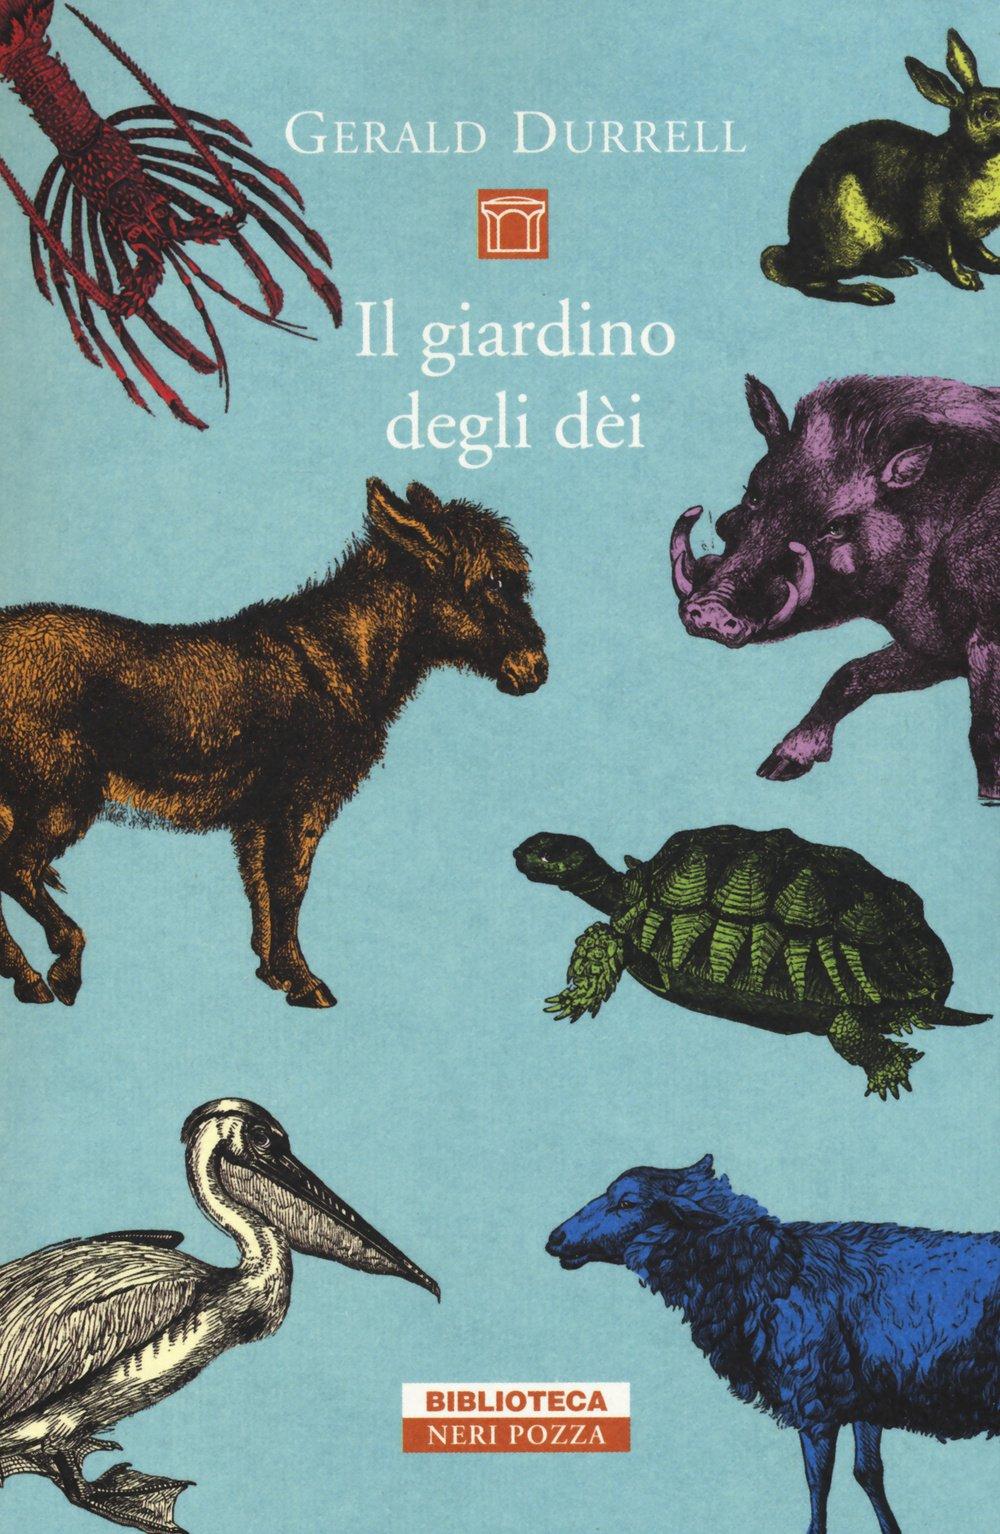 Libreria torriani di canzo gerald durrell il giardino - Il giardino degli dei ...